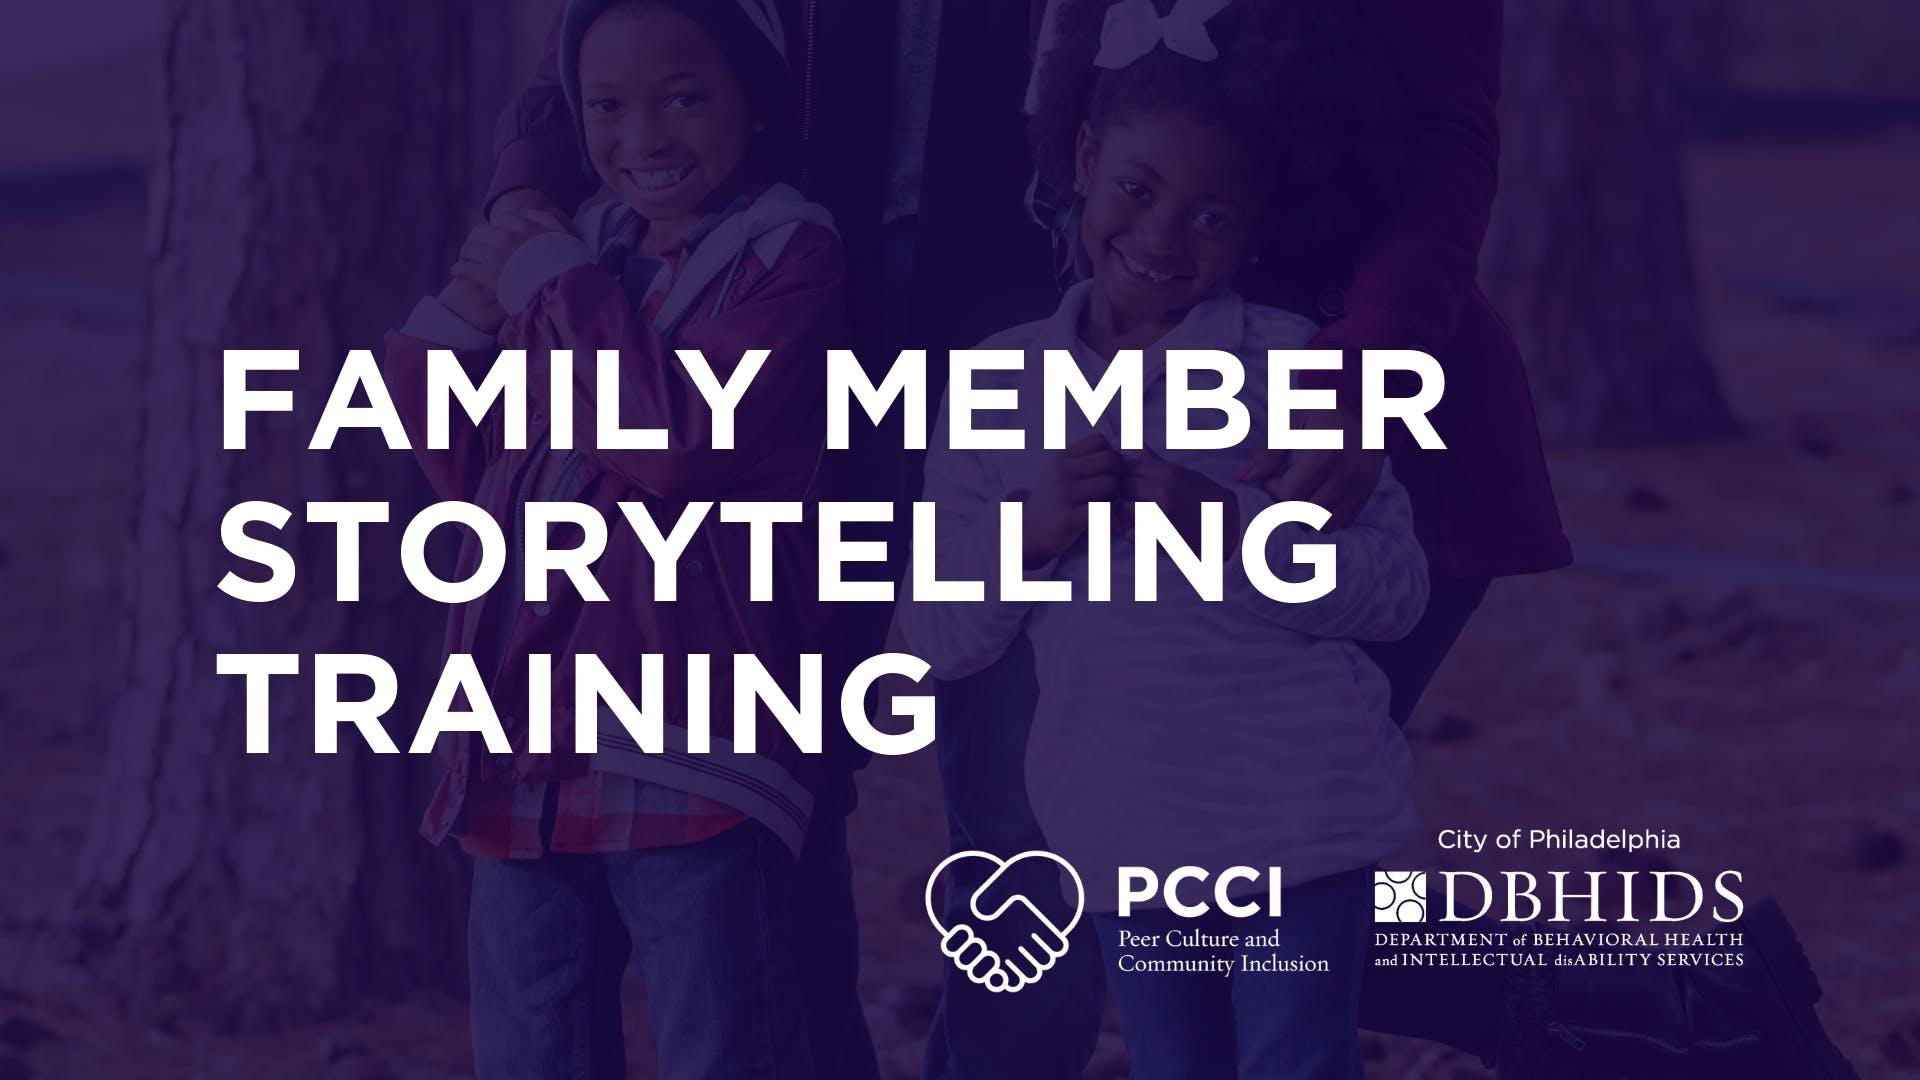 Family Member Story Telling Training